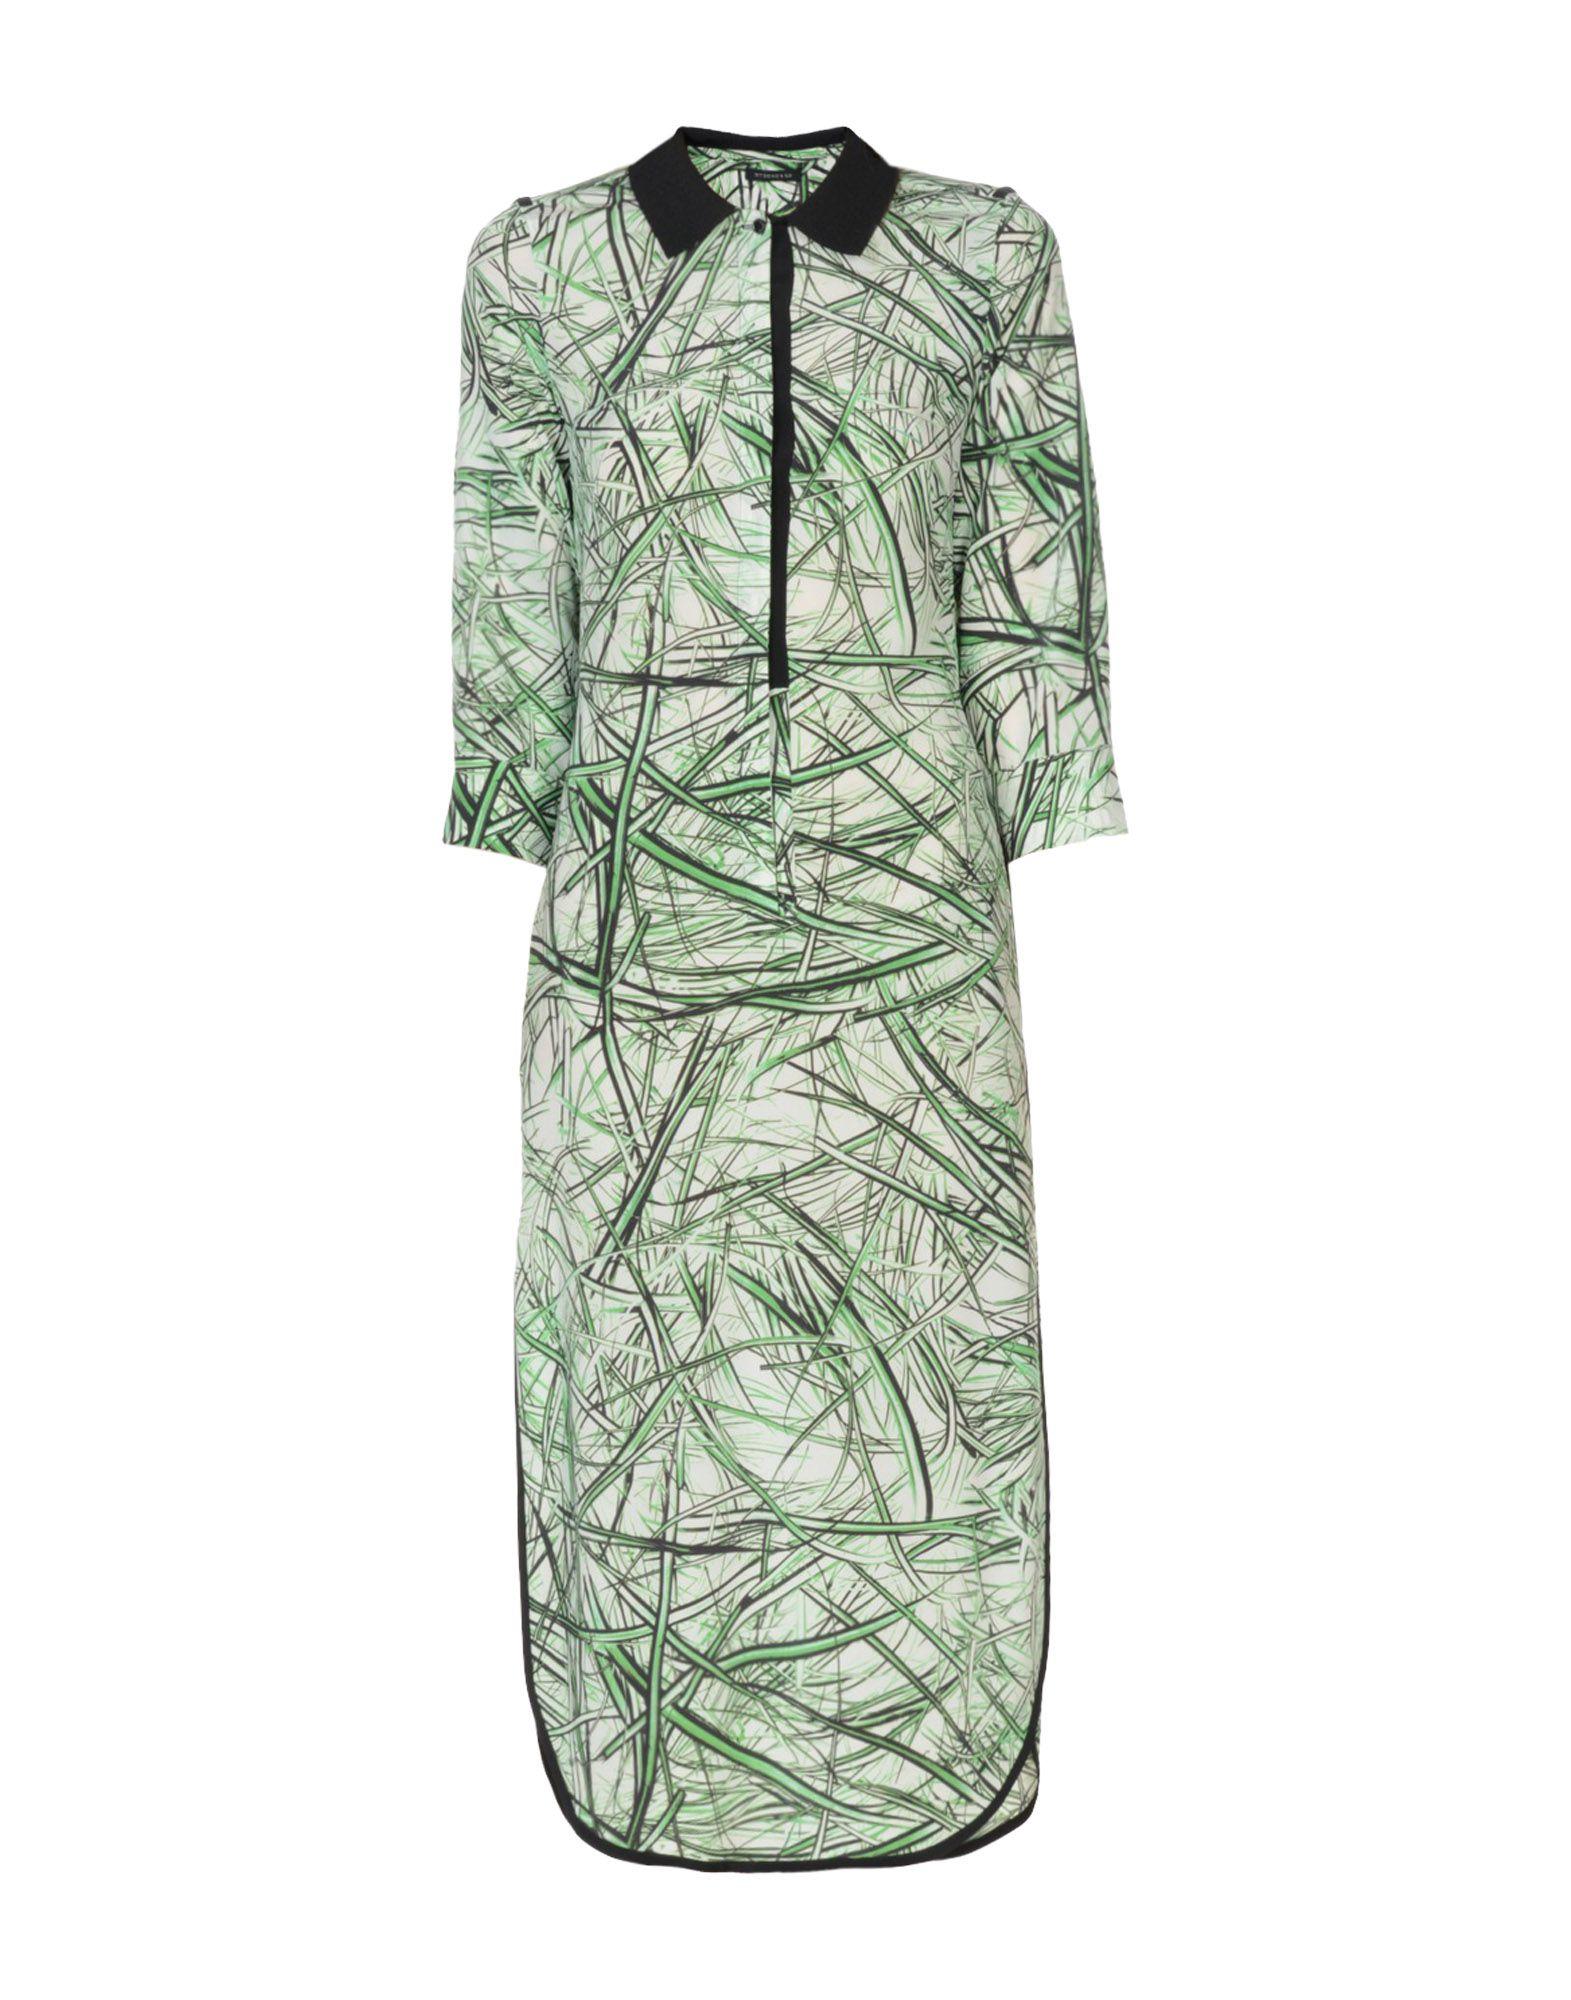 STRENESSE Платье длиной 3/4 bobi платье длиной 3 4